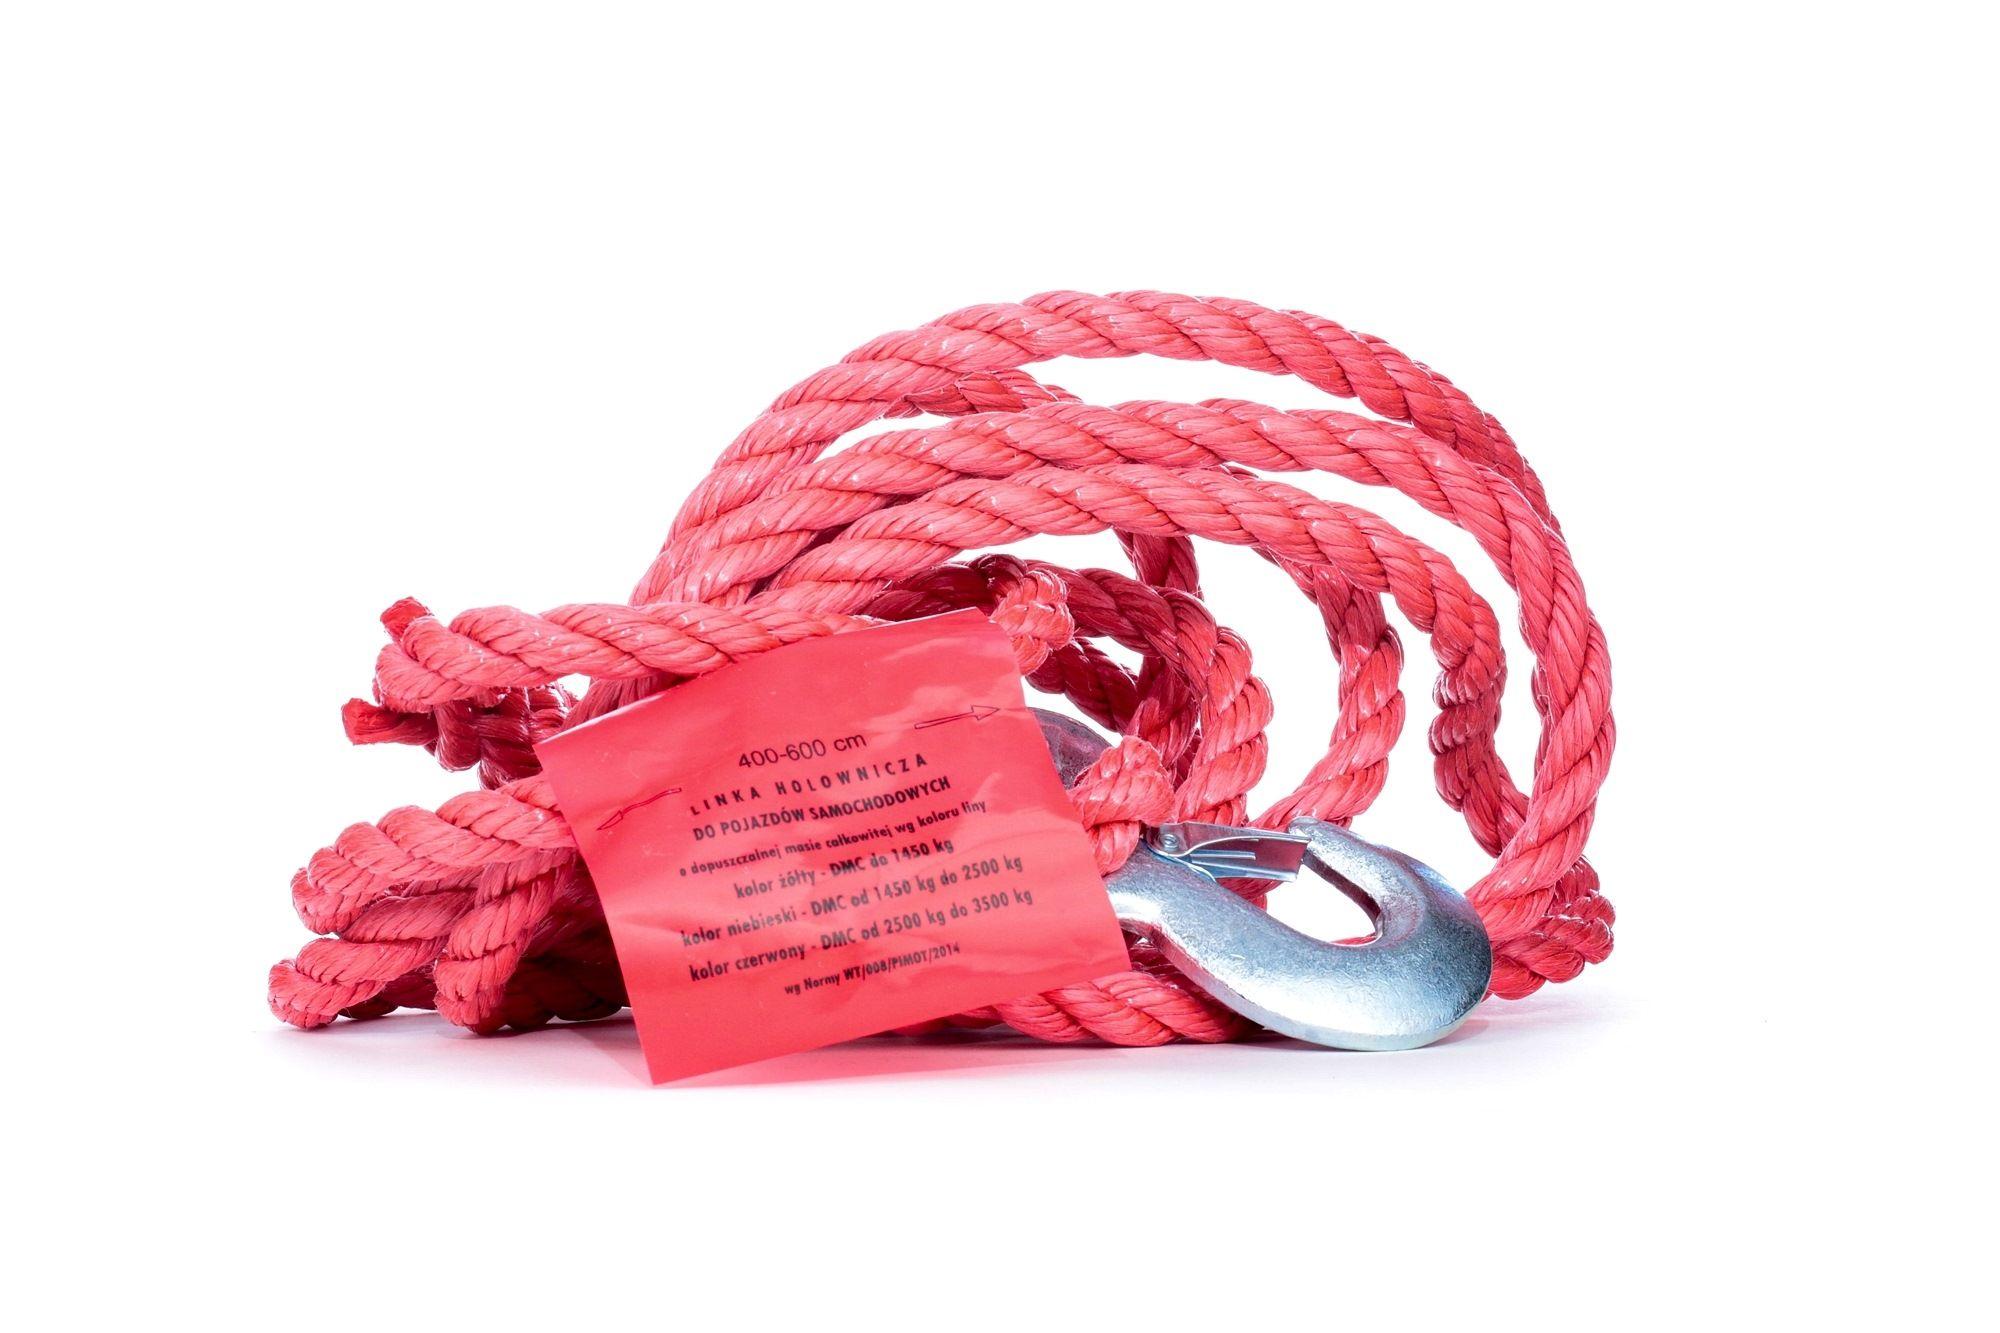 Comprare 94-034 VIRAGE rosso, Portata: 3500kg Corde di traino 94-034 poco costoso